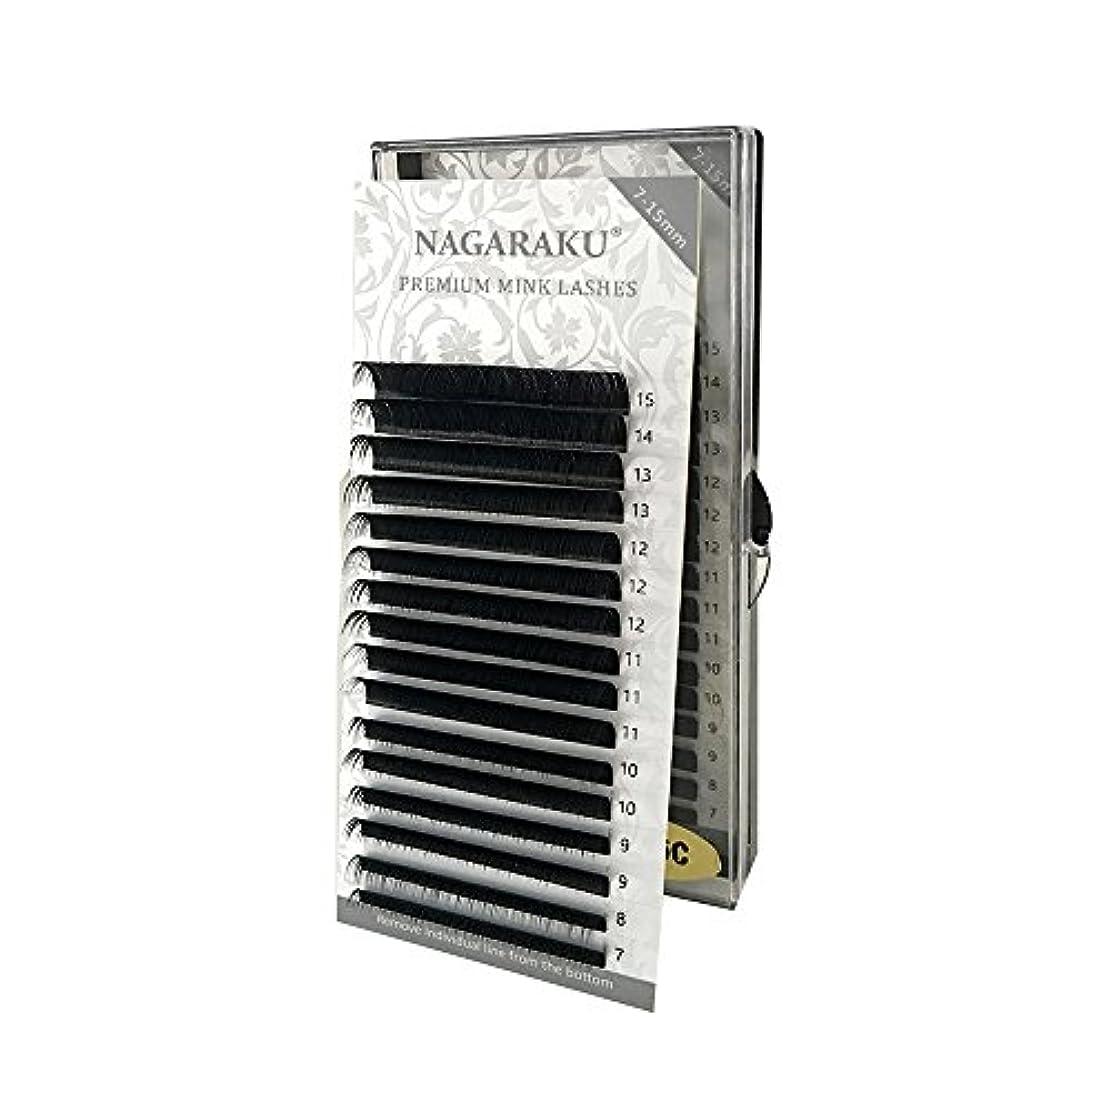 試みる覆す強調するNAGARAKU 太さ0.12mm J カール 7~15mmミックス まつ毛エクステンション